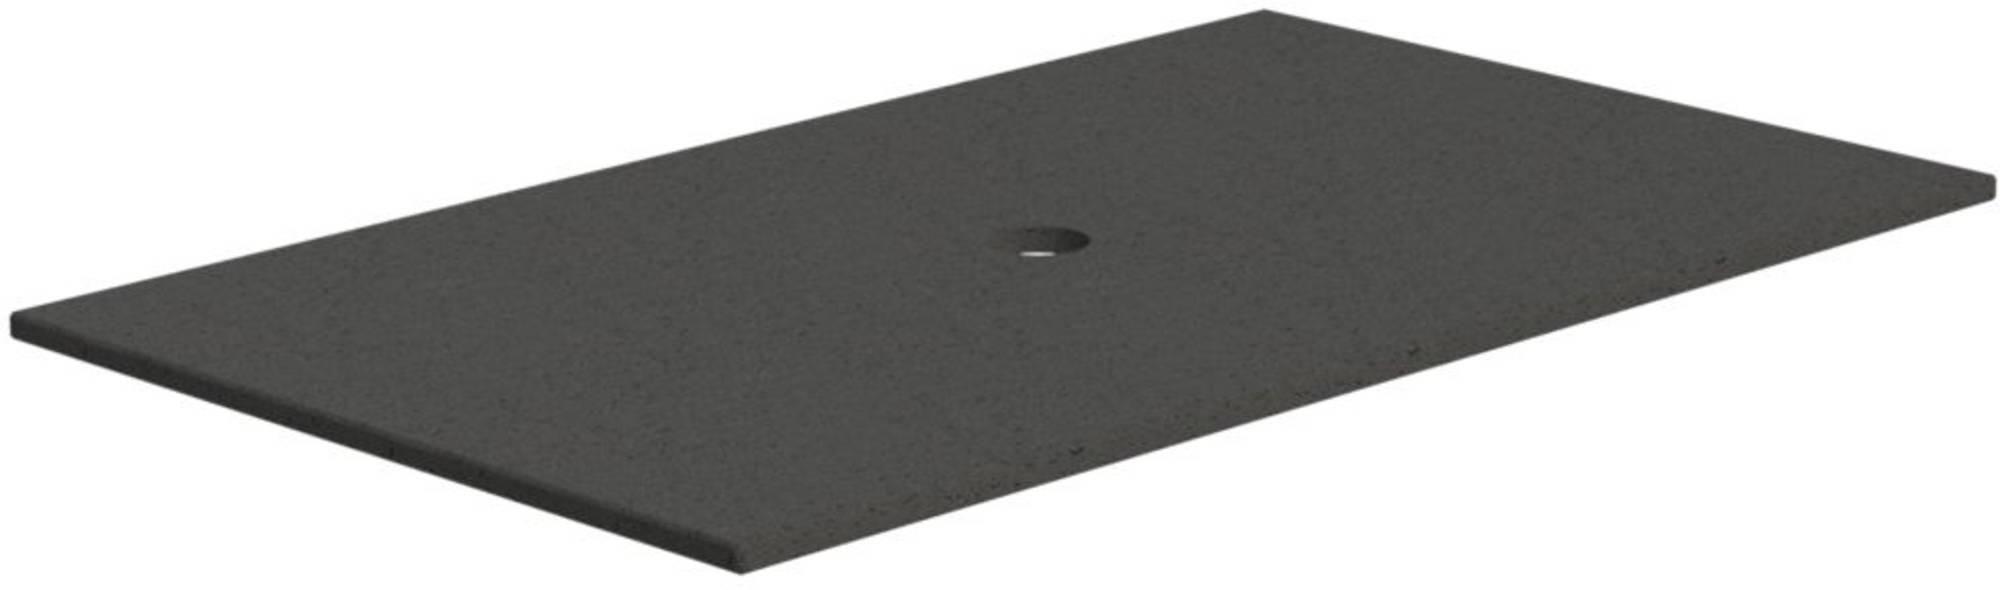 Thebalux Stone 1 Afdekblad Composiet 82x48,5x2 cm Ash Grain